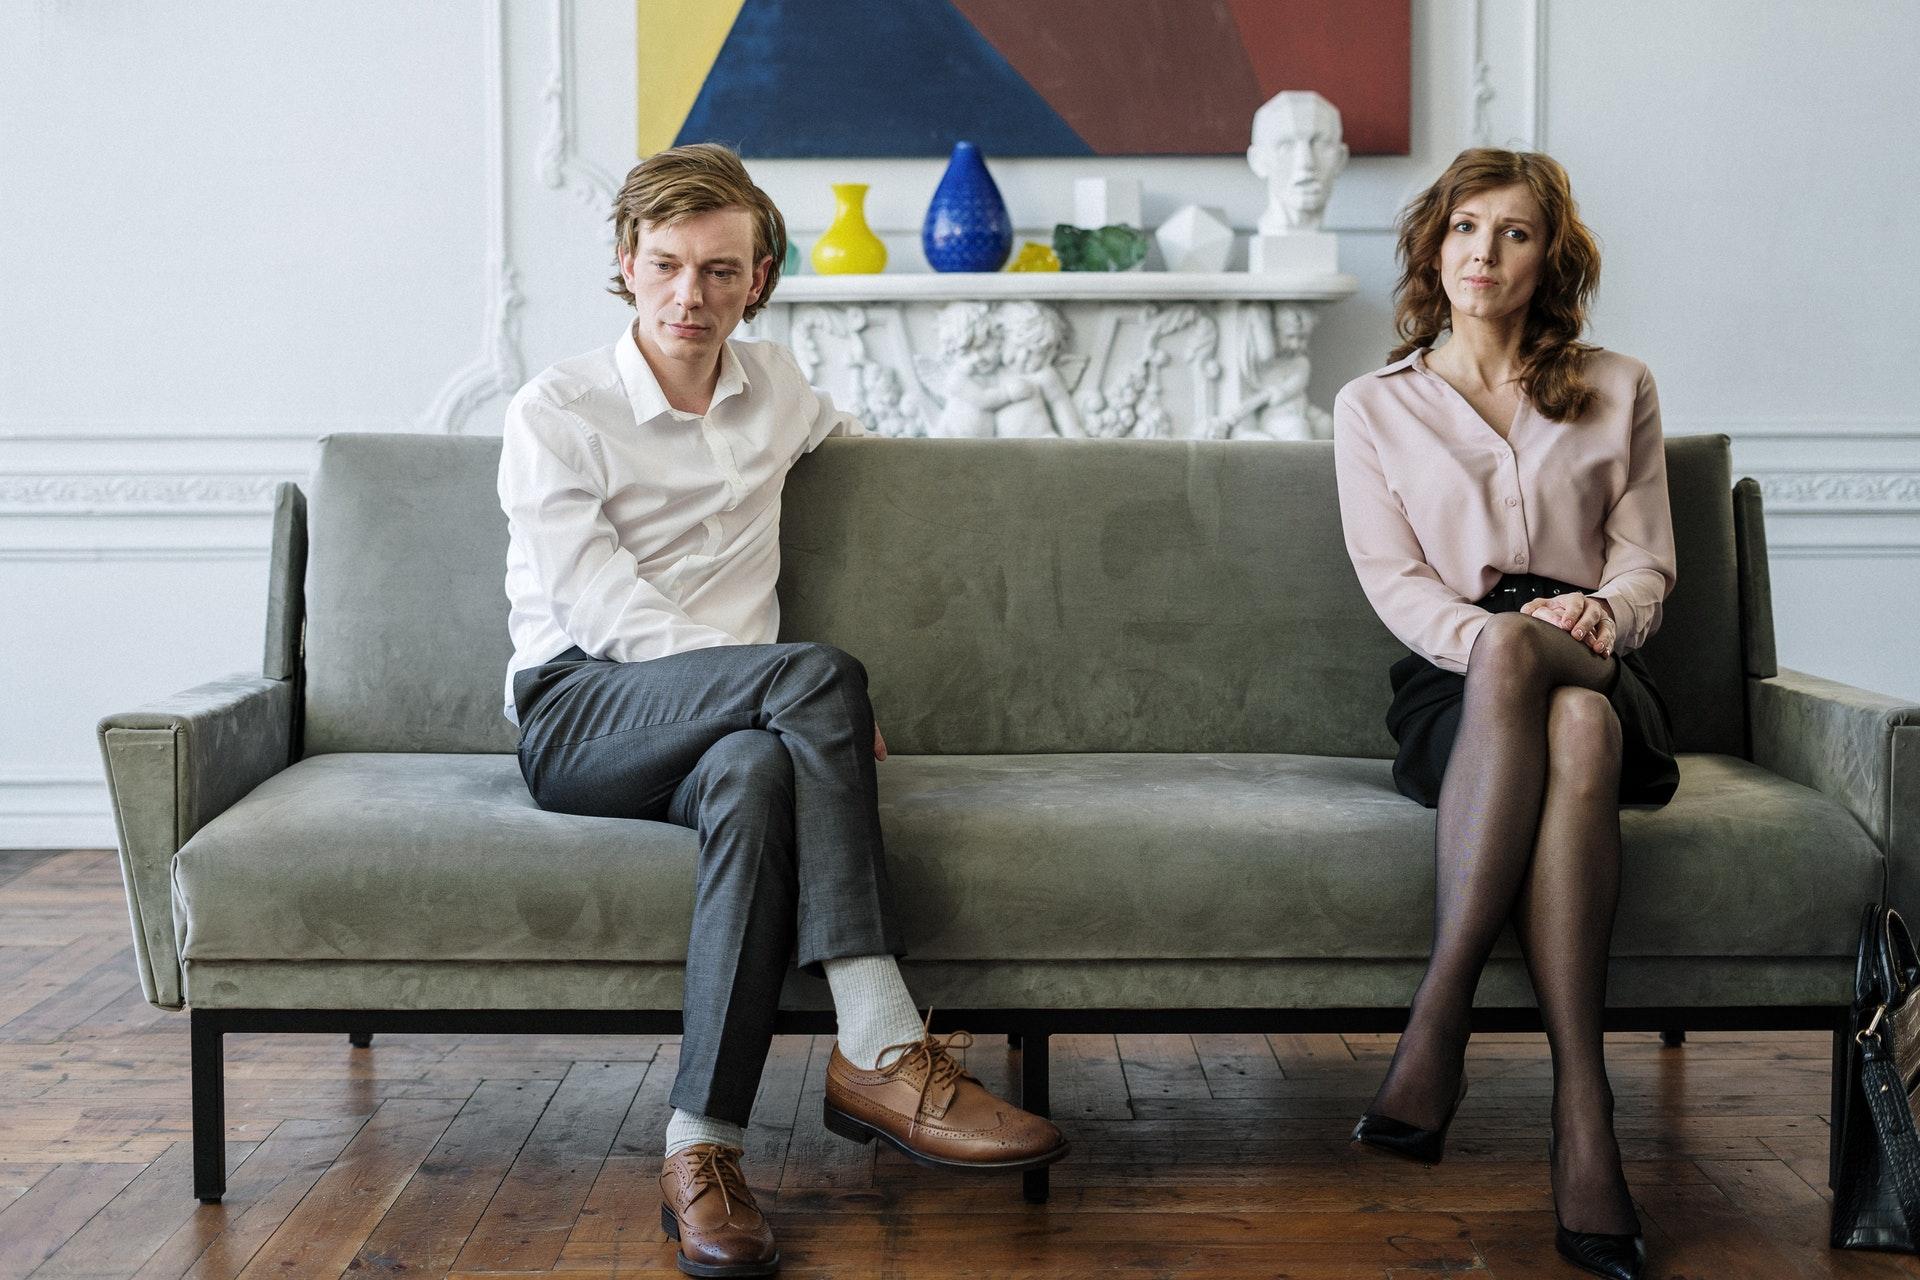 Все, что нужно знать о разделе имущества при разводе: юрист объясняет все тонкости на примерах